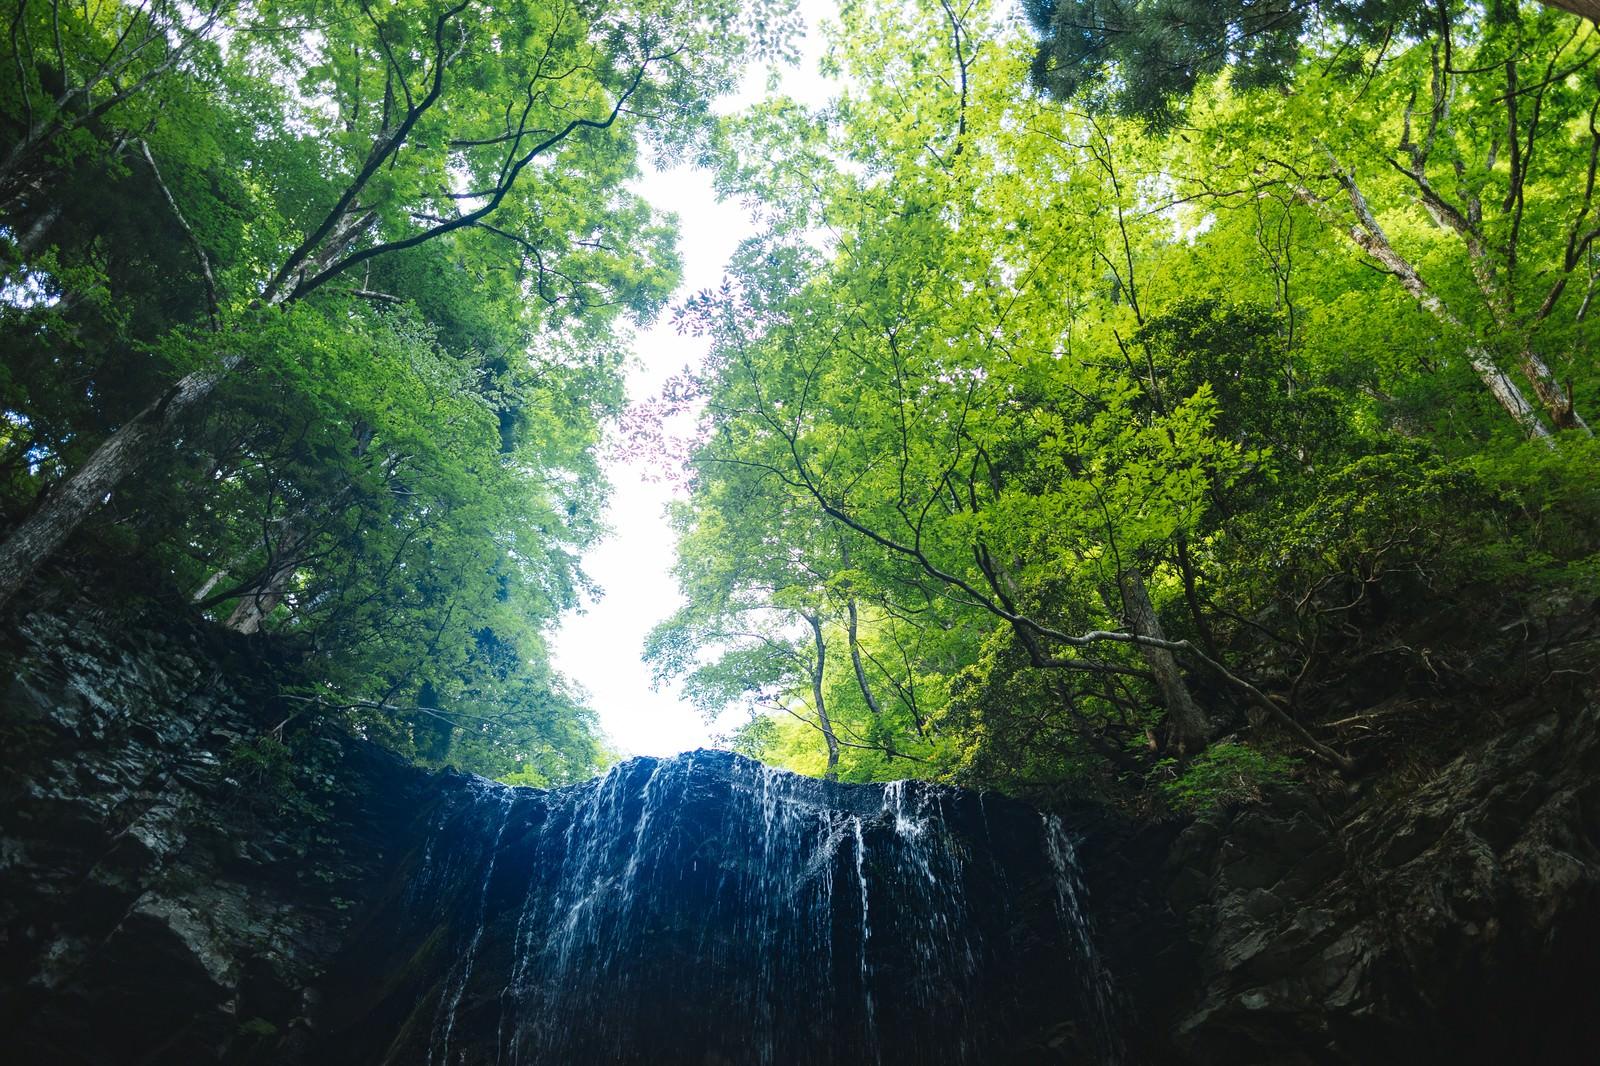 「新緑に包まれる岩井滝新緑に包まれる岩井滝」のフリー写真素材を拡大